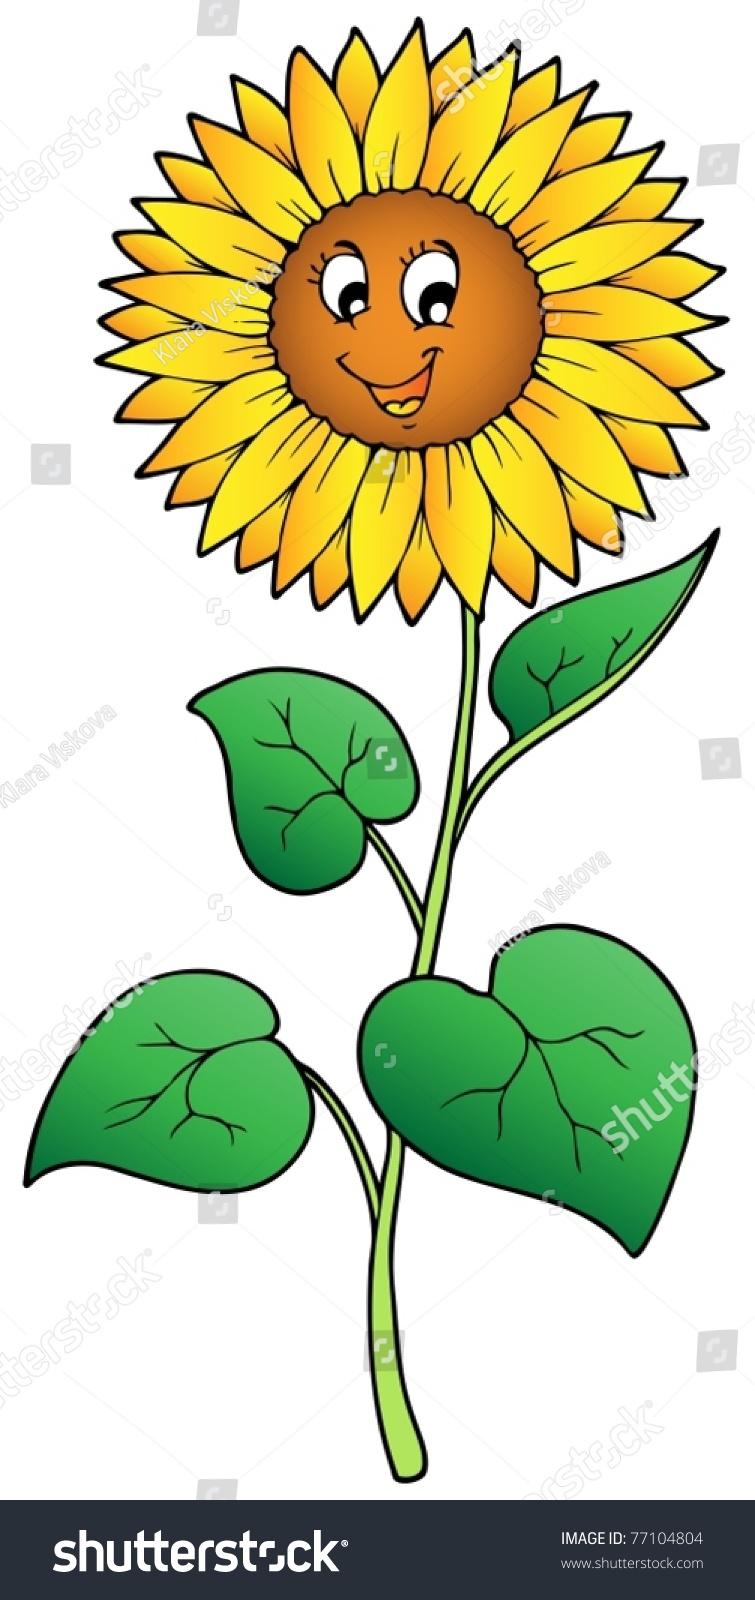 可爱的卡通向日葵——矢量插图